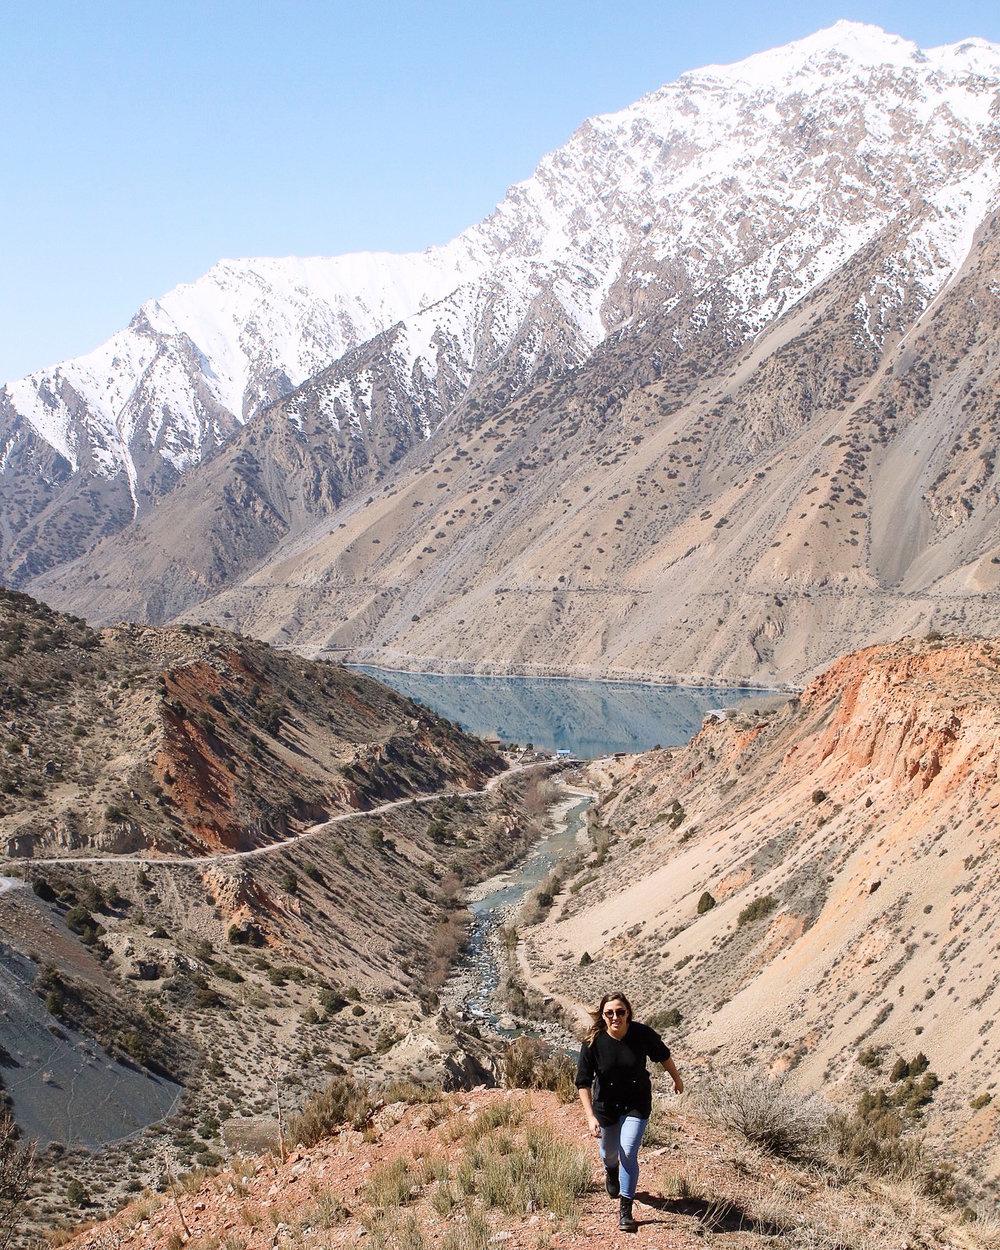 Iskanderkil, Tajikistan - The Adventure Decade